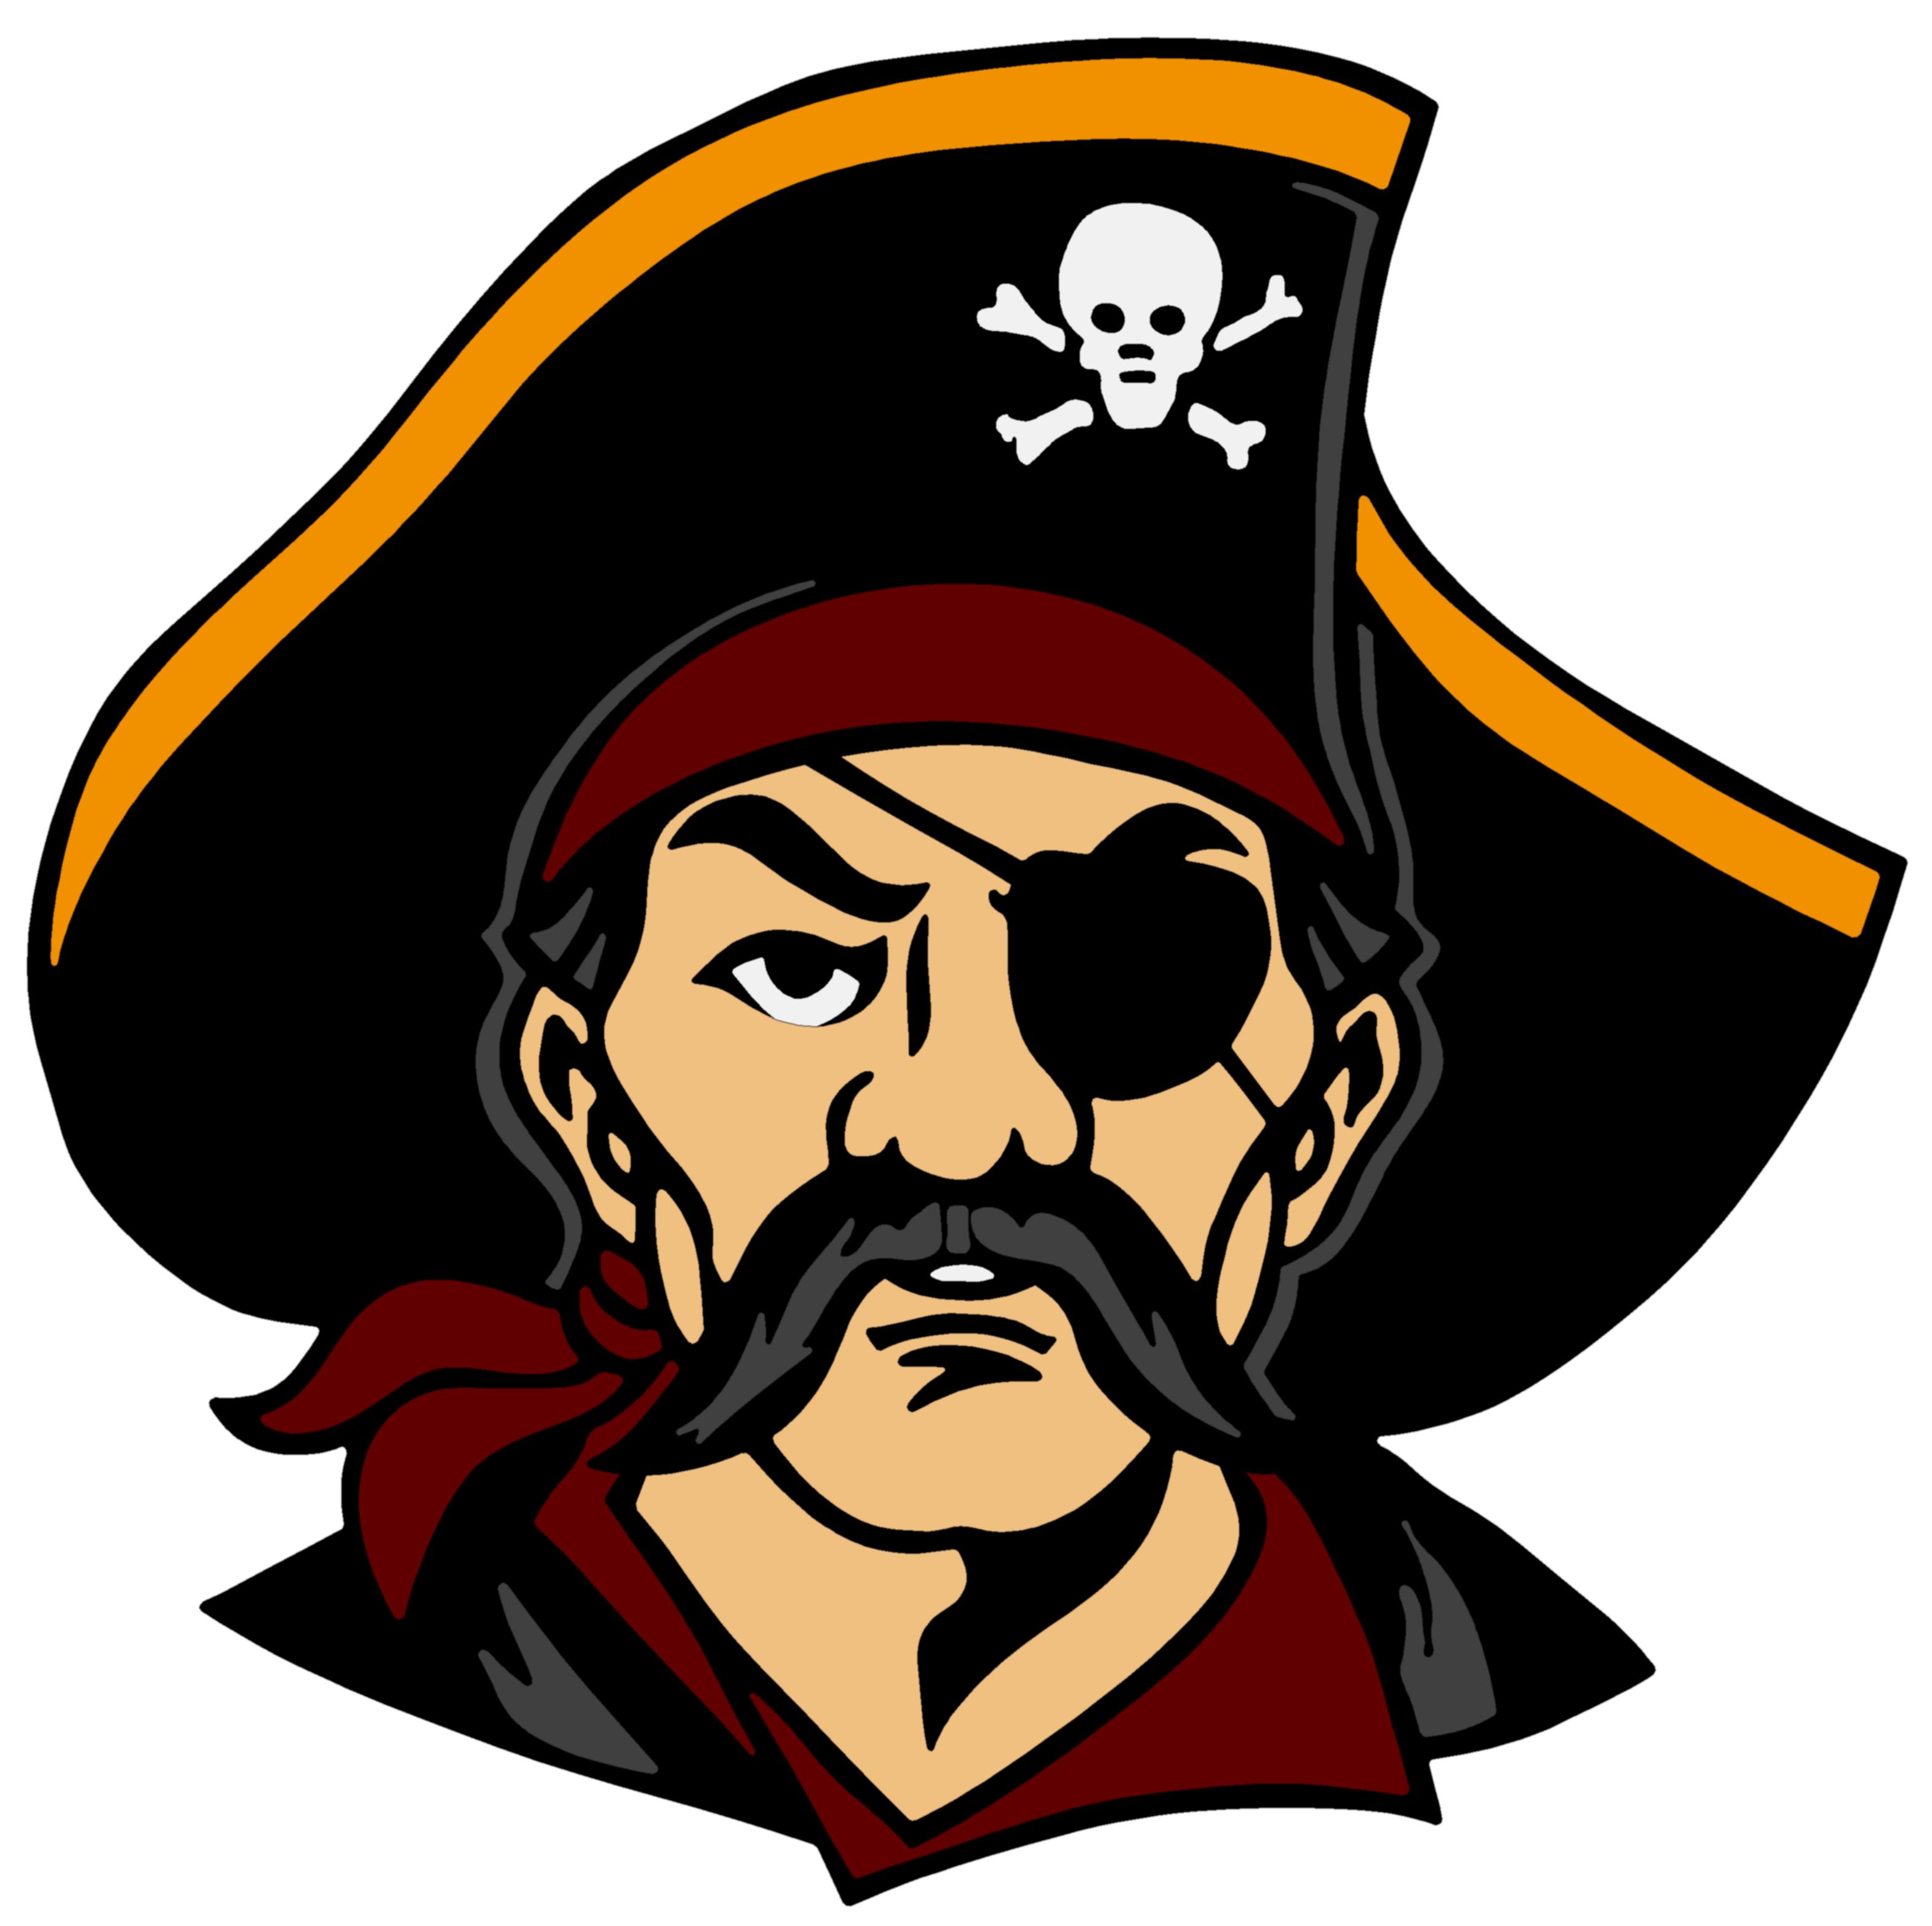 Pirates png transparent images. Diabetes clipart icon